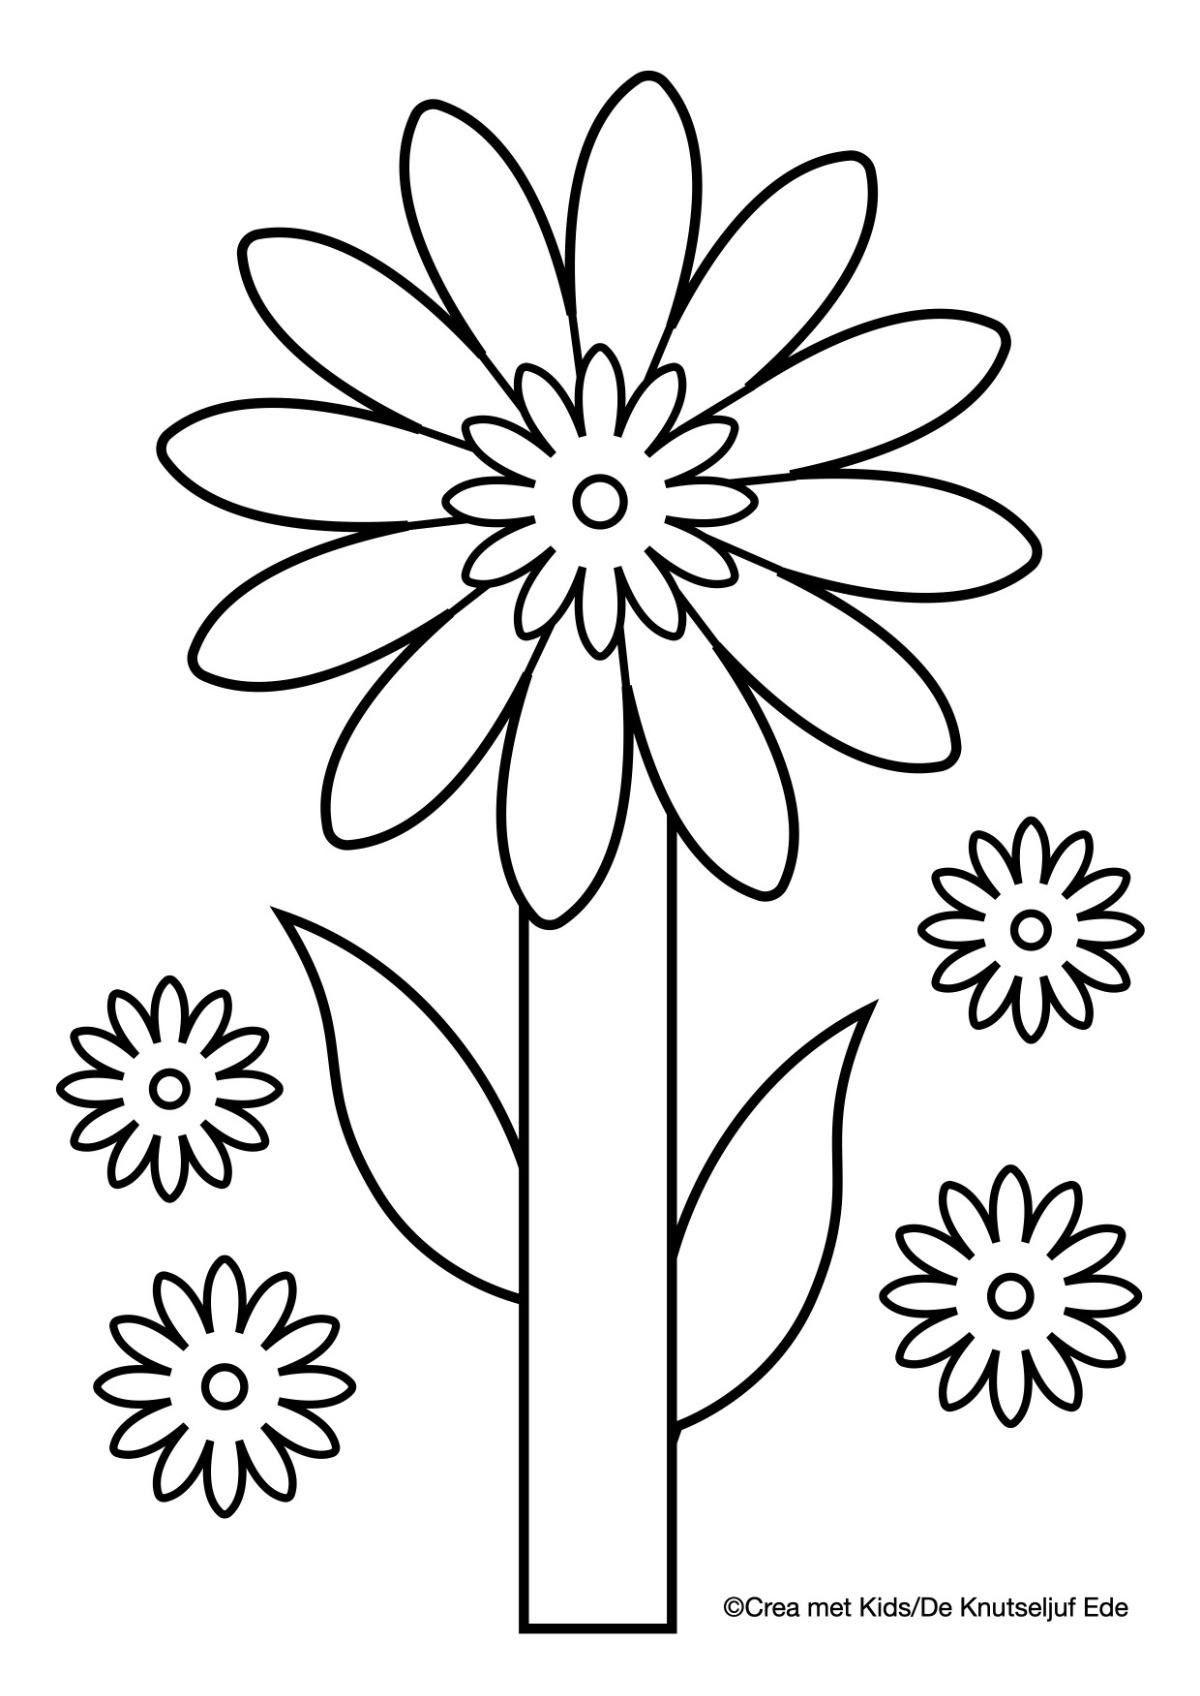 Kleurplaten Bloemen Bloemen Knutselen Kleurplaat Kleurplaten De Knutseljuf Ede Kleurplaten Bloem Kleurplaten Bloemen